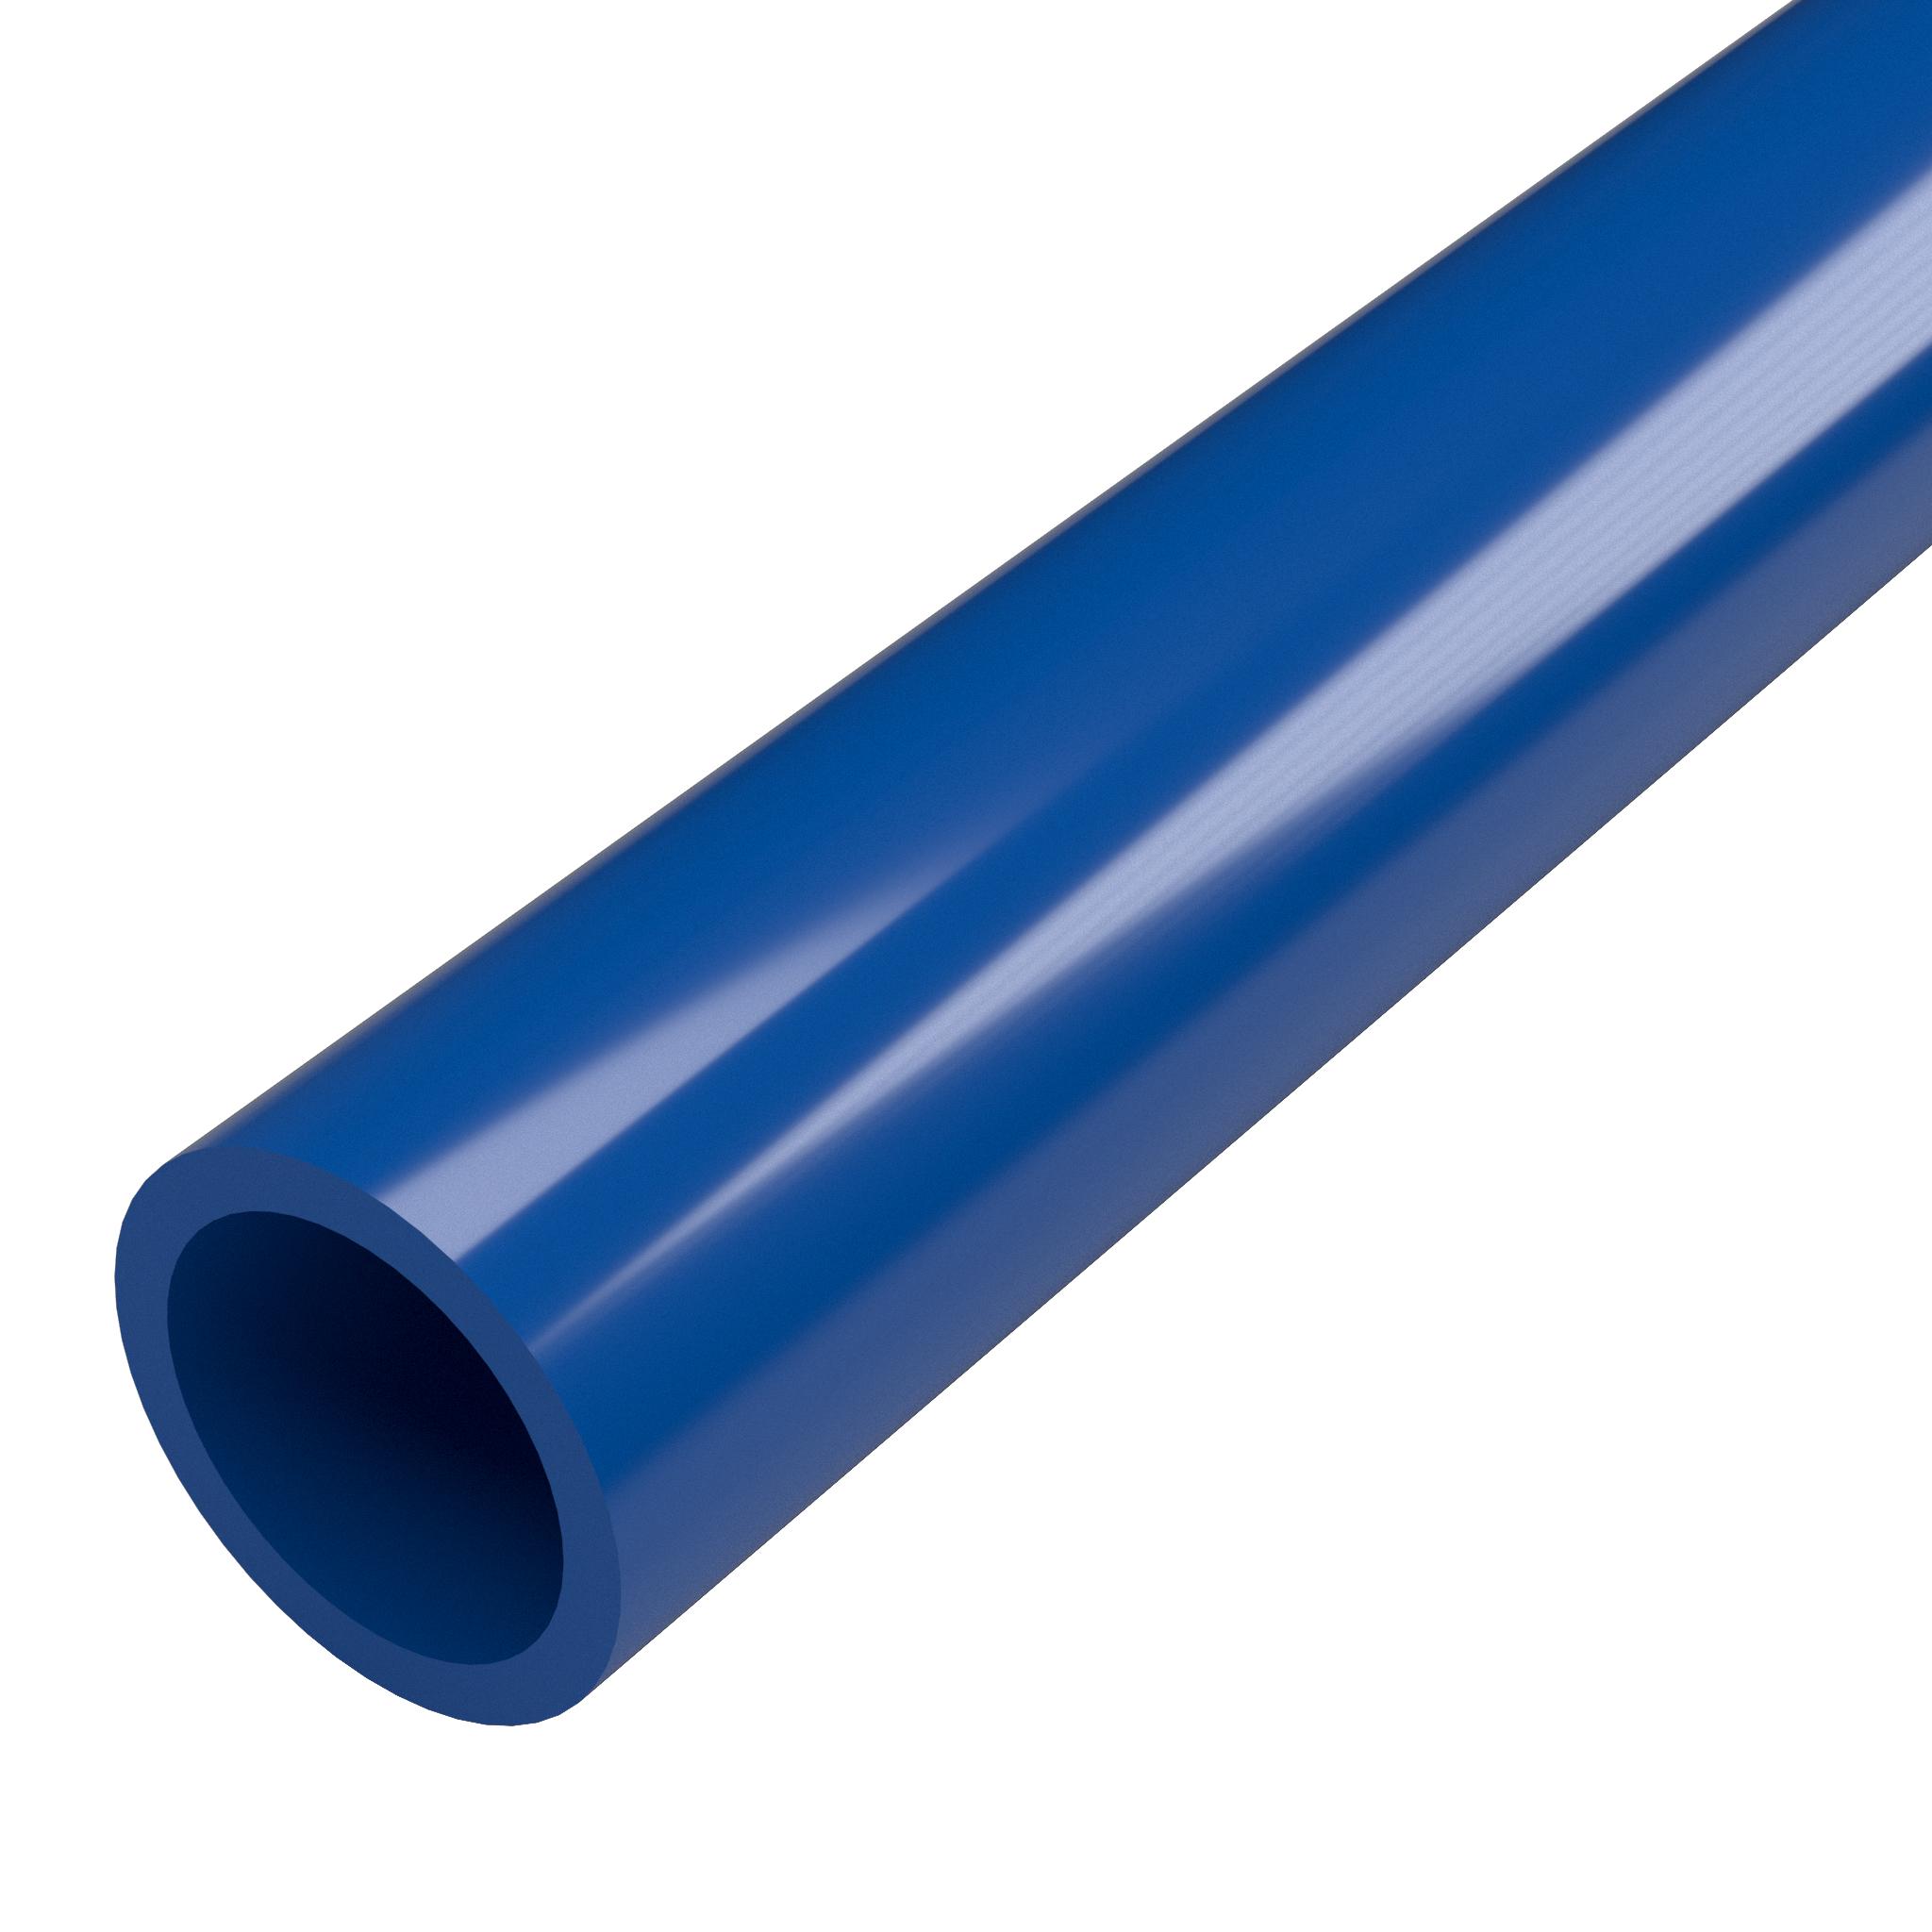 """FORMUFIT P001FGP-BL-5 Schedule 40 PVC Pipe, Furniture Grade, 5-Feet, 1"""" Size, Blue"""